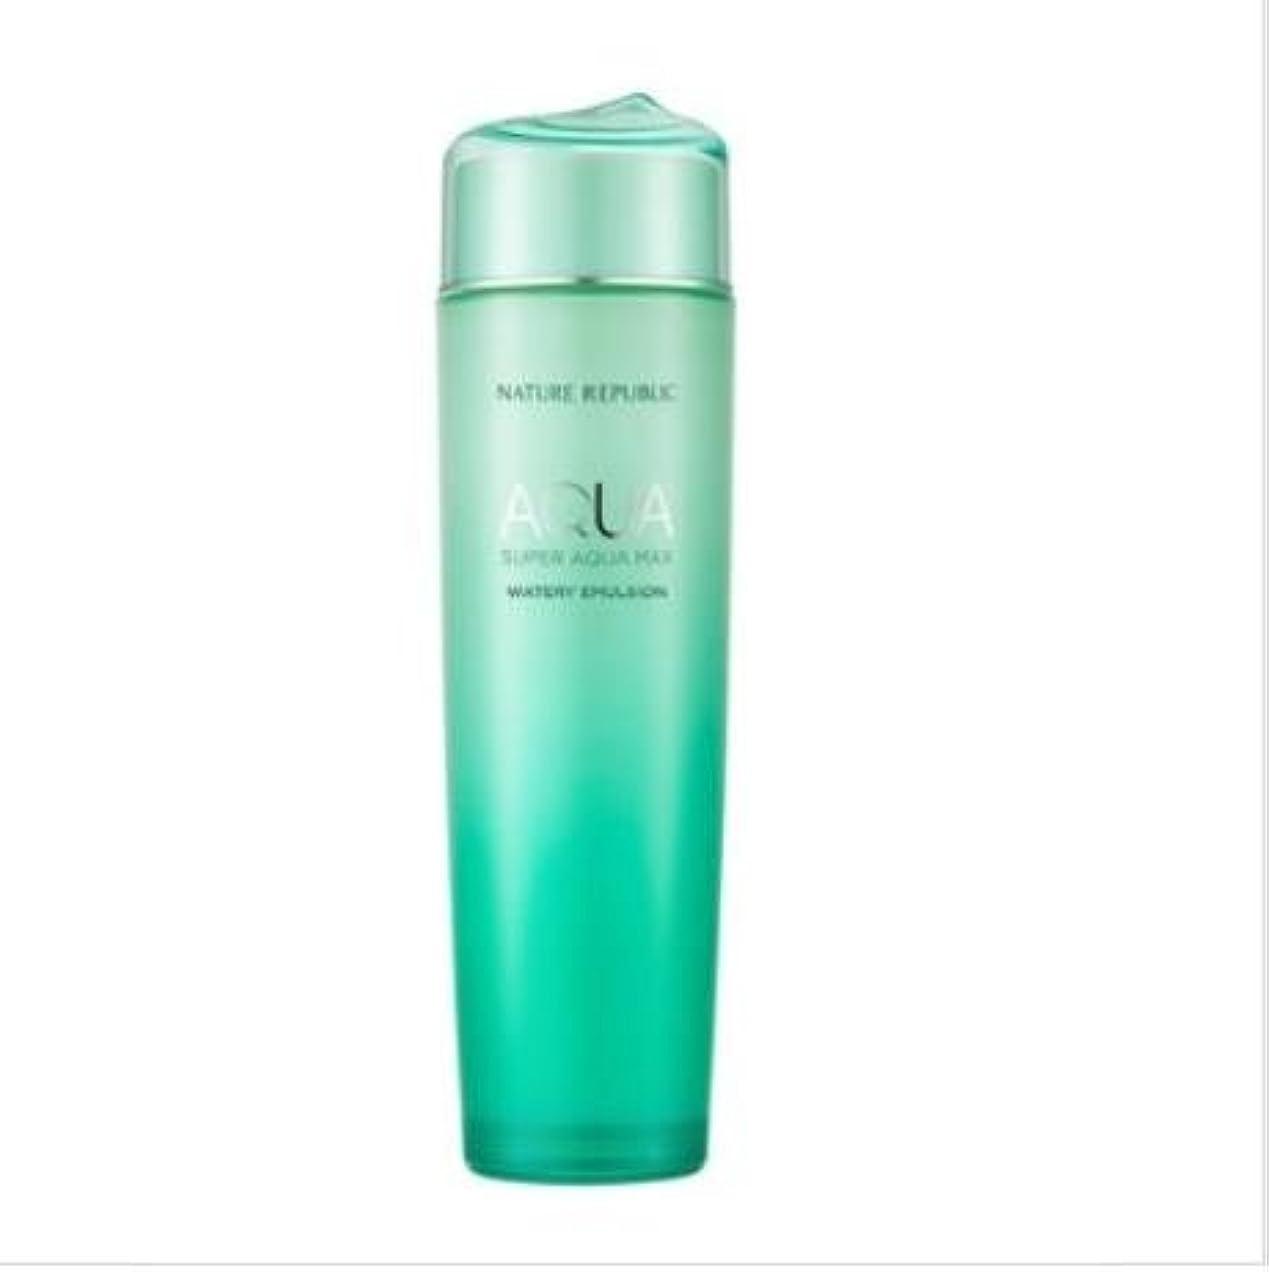 滝破産起きる[ネイチャーリパブリック] NATURE REPUBLIC [スーパー アクア マックス 水分 エマルジョン](NATURE REPUBLIC Super Aqua Max Watery Emulsion)150ml [...